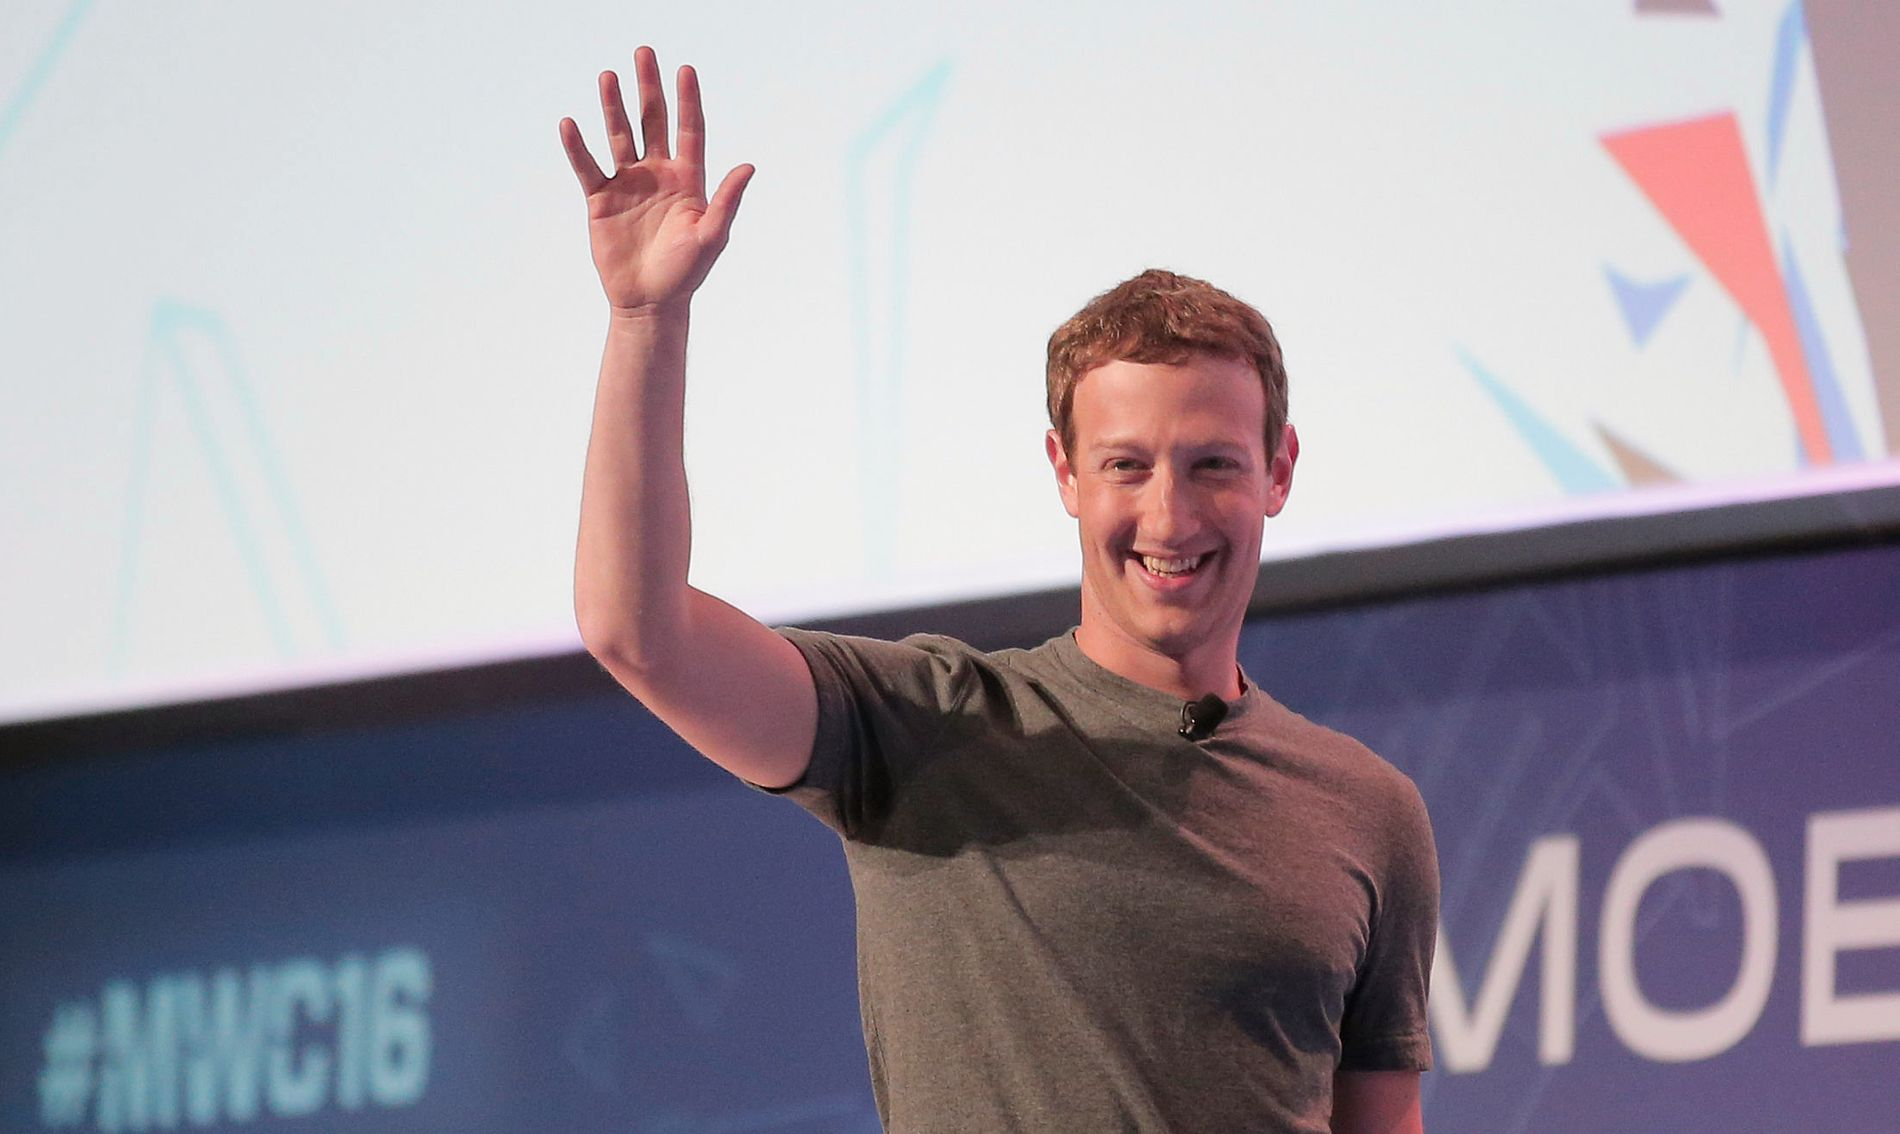 ØKTE FORMUEN: All grunn til å smile for Facebook-grunnlegger Mark Zuckerberg, som økte formuen sin i år, i motsetning til flere av de andre på listen over verdens tyve rikeste.